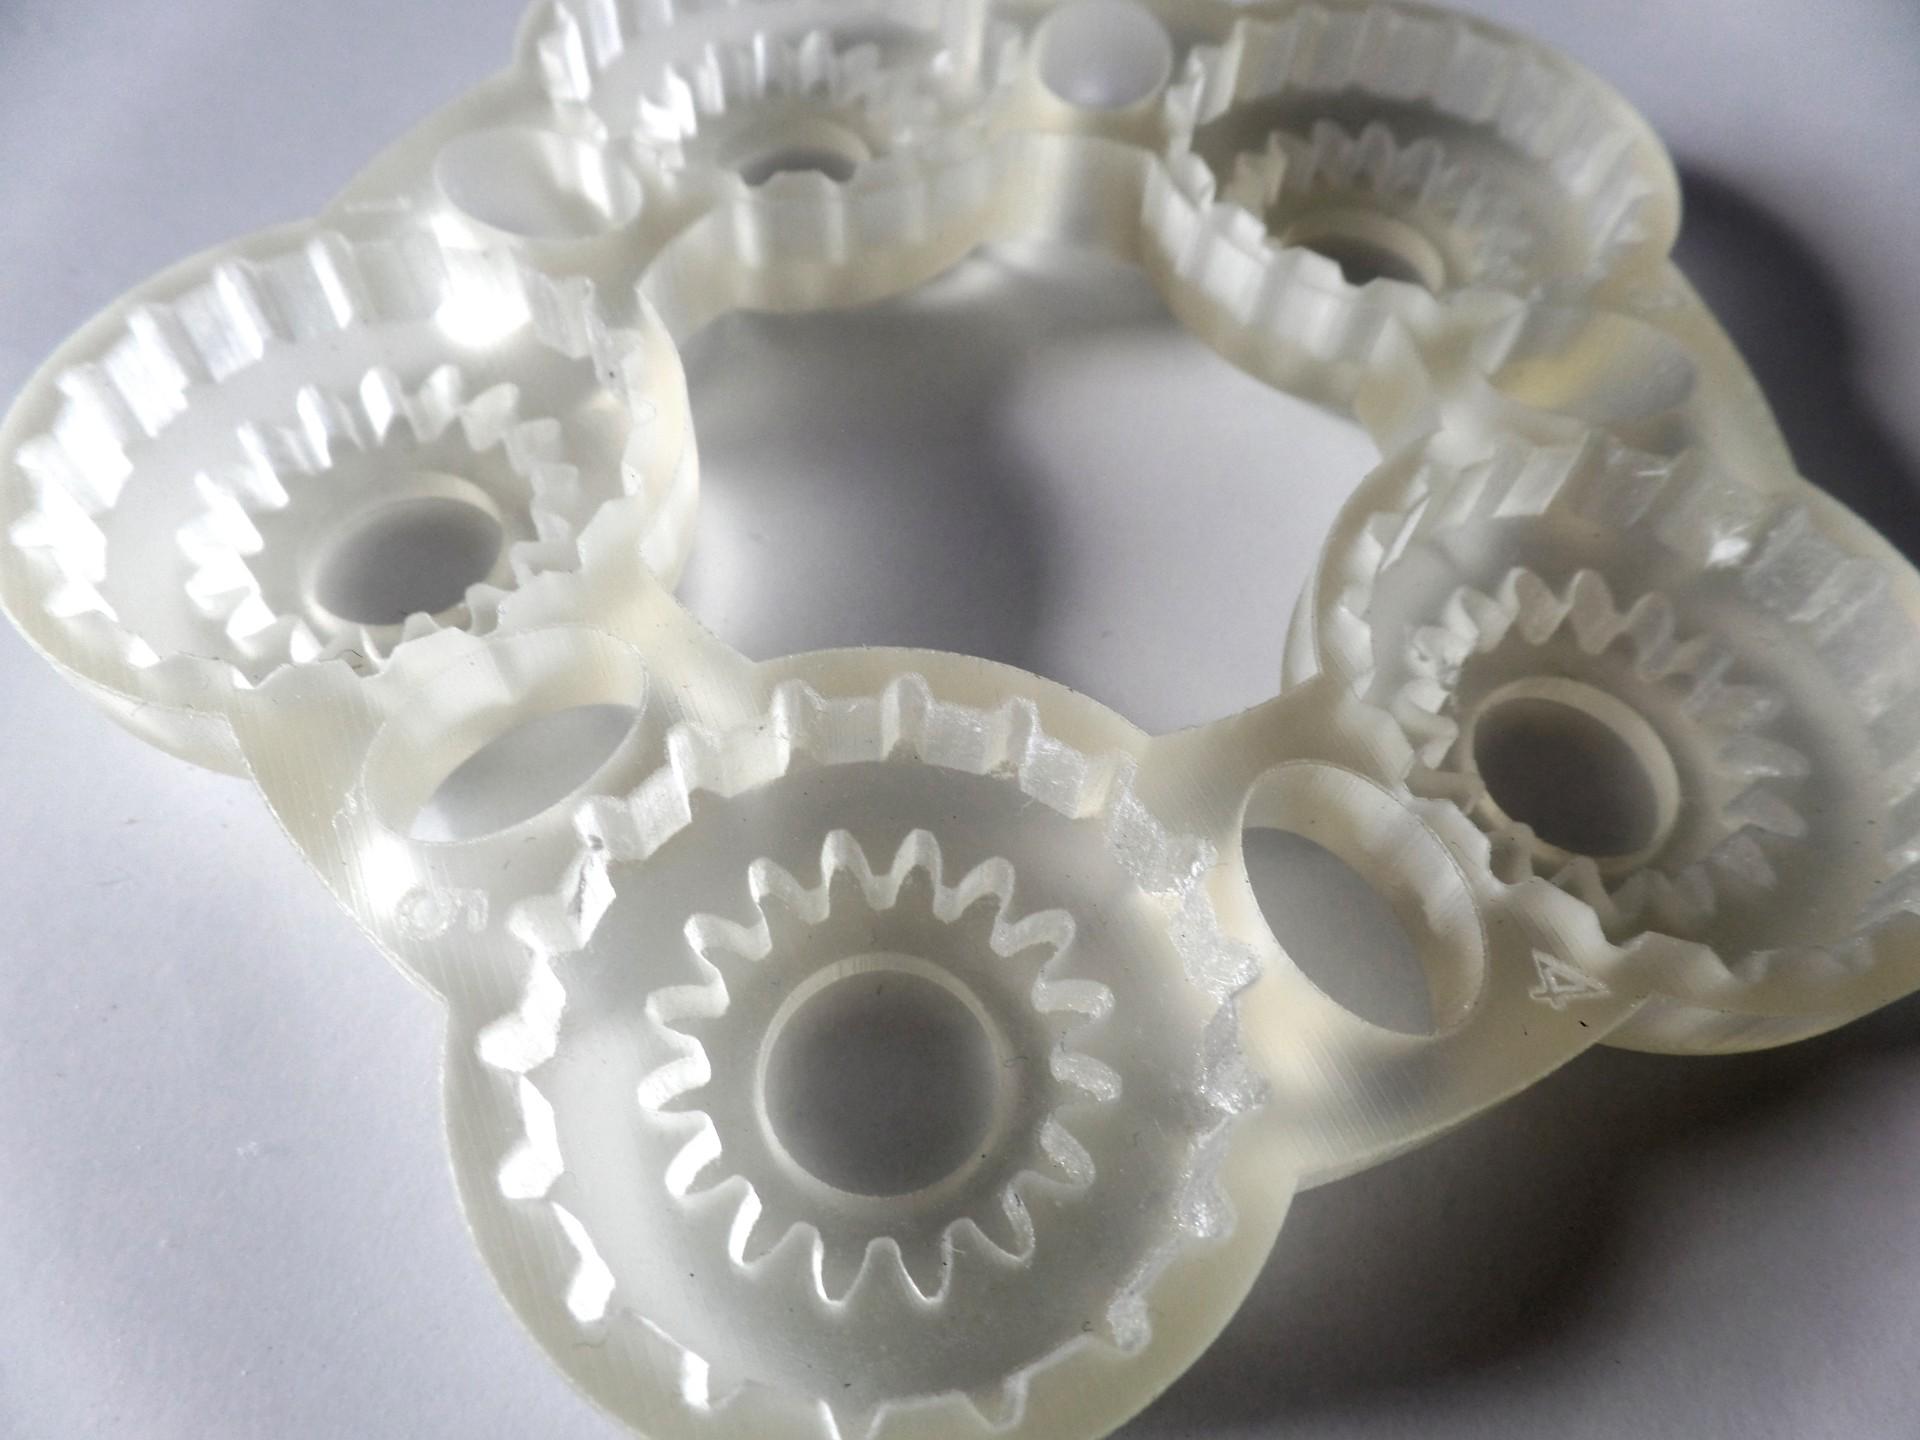 druk 3D MJM element trzybiegowej przekladni do rowerow